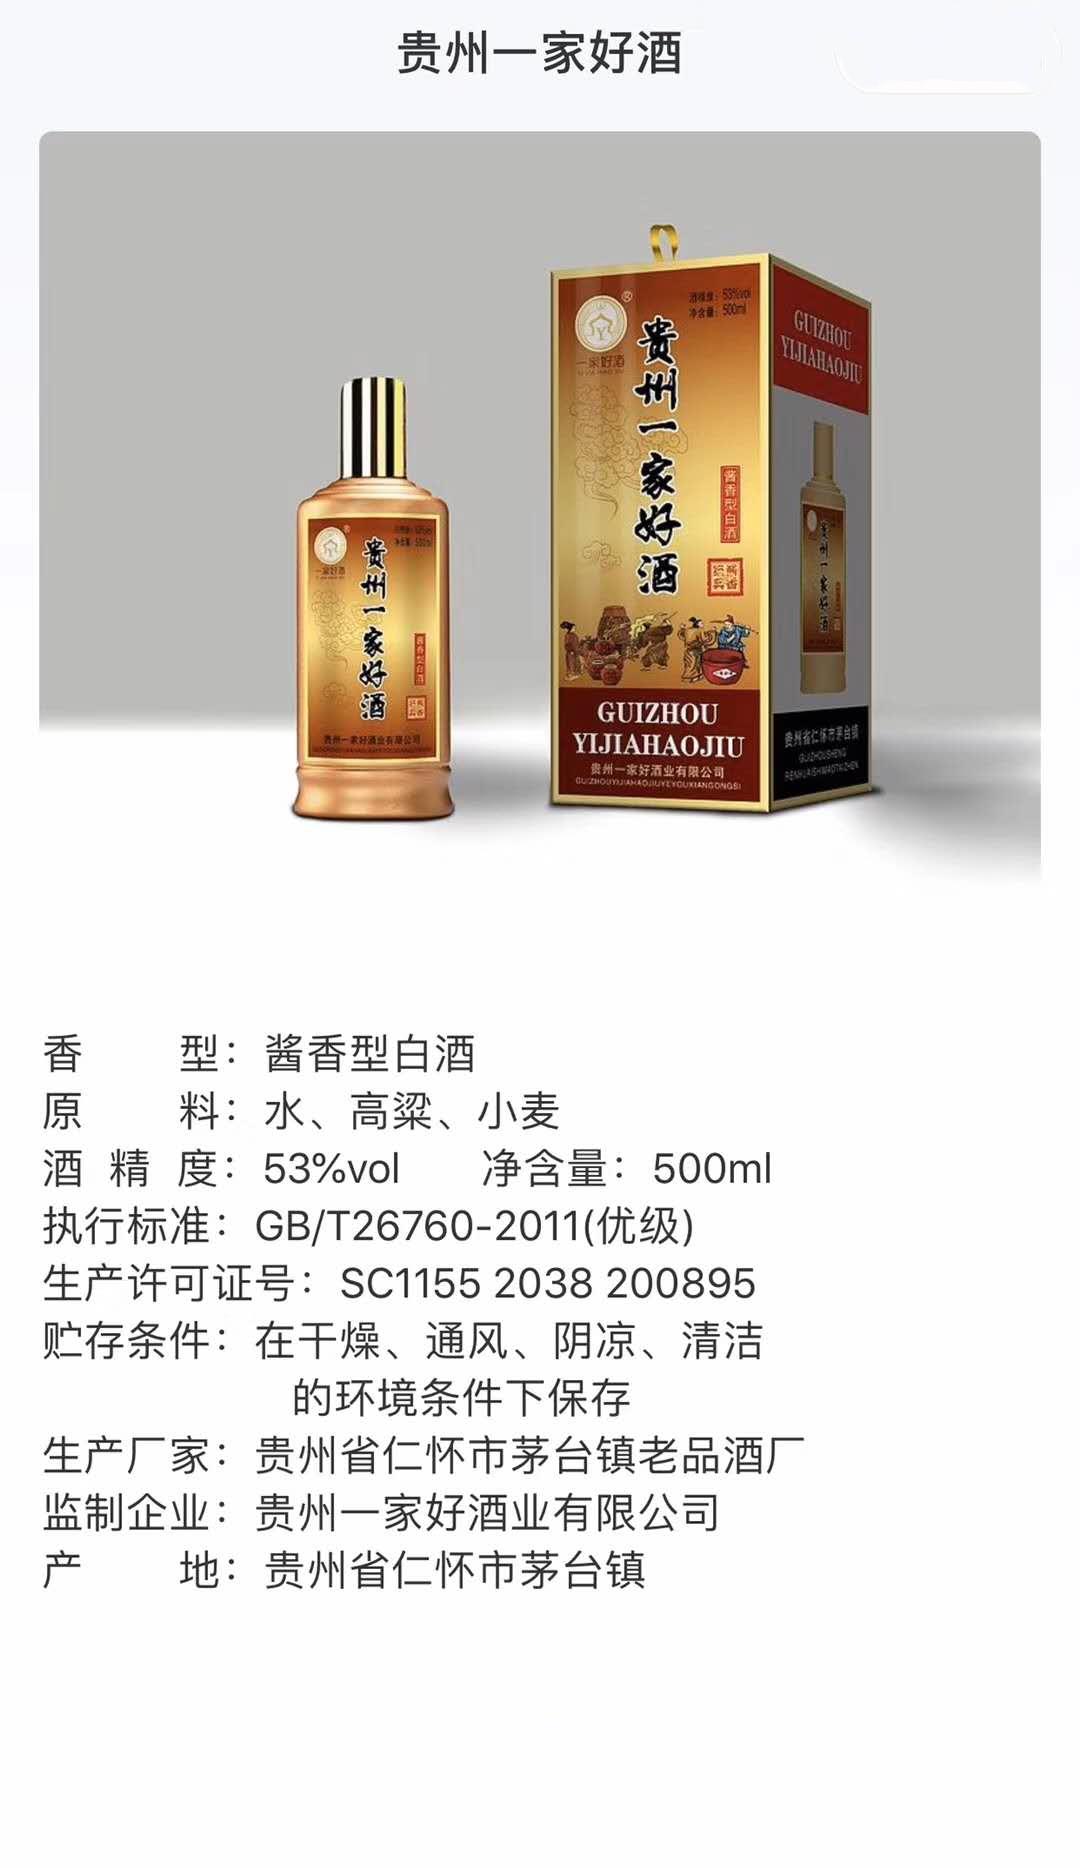 贵阳二十年散酒销售 贵州一家好酒业供应